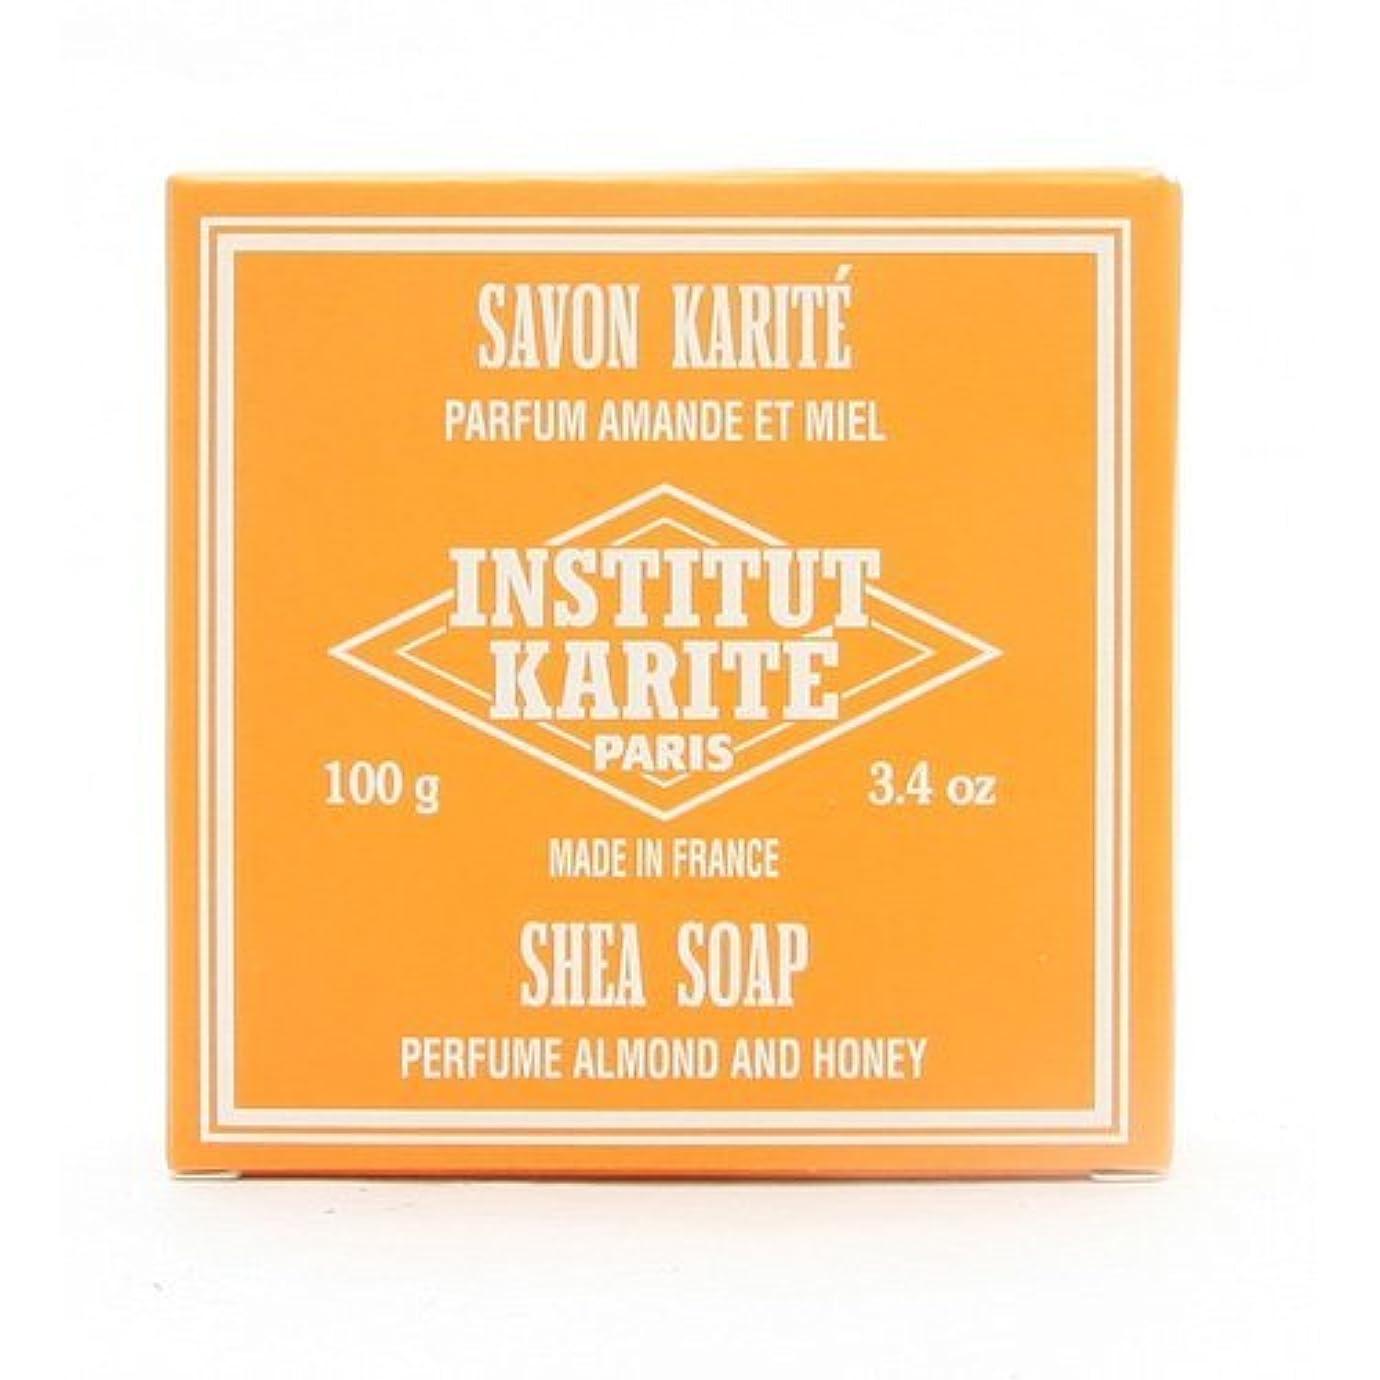 男ベーシックメルボルンINSTITUT KARITE インスティテュート カリテ 25% Extra Gentle Soap ジェントルソープ 100g Almond Honey アーモンドハニー